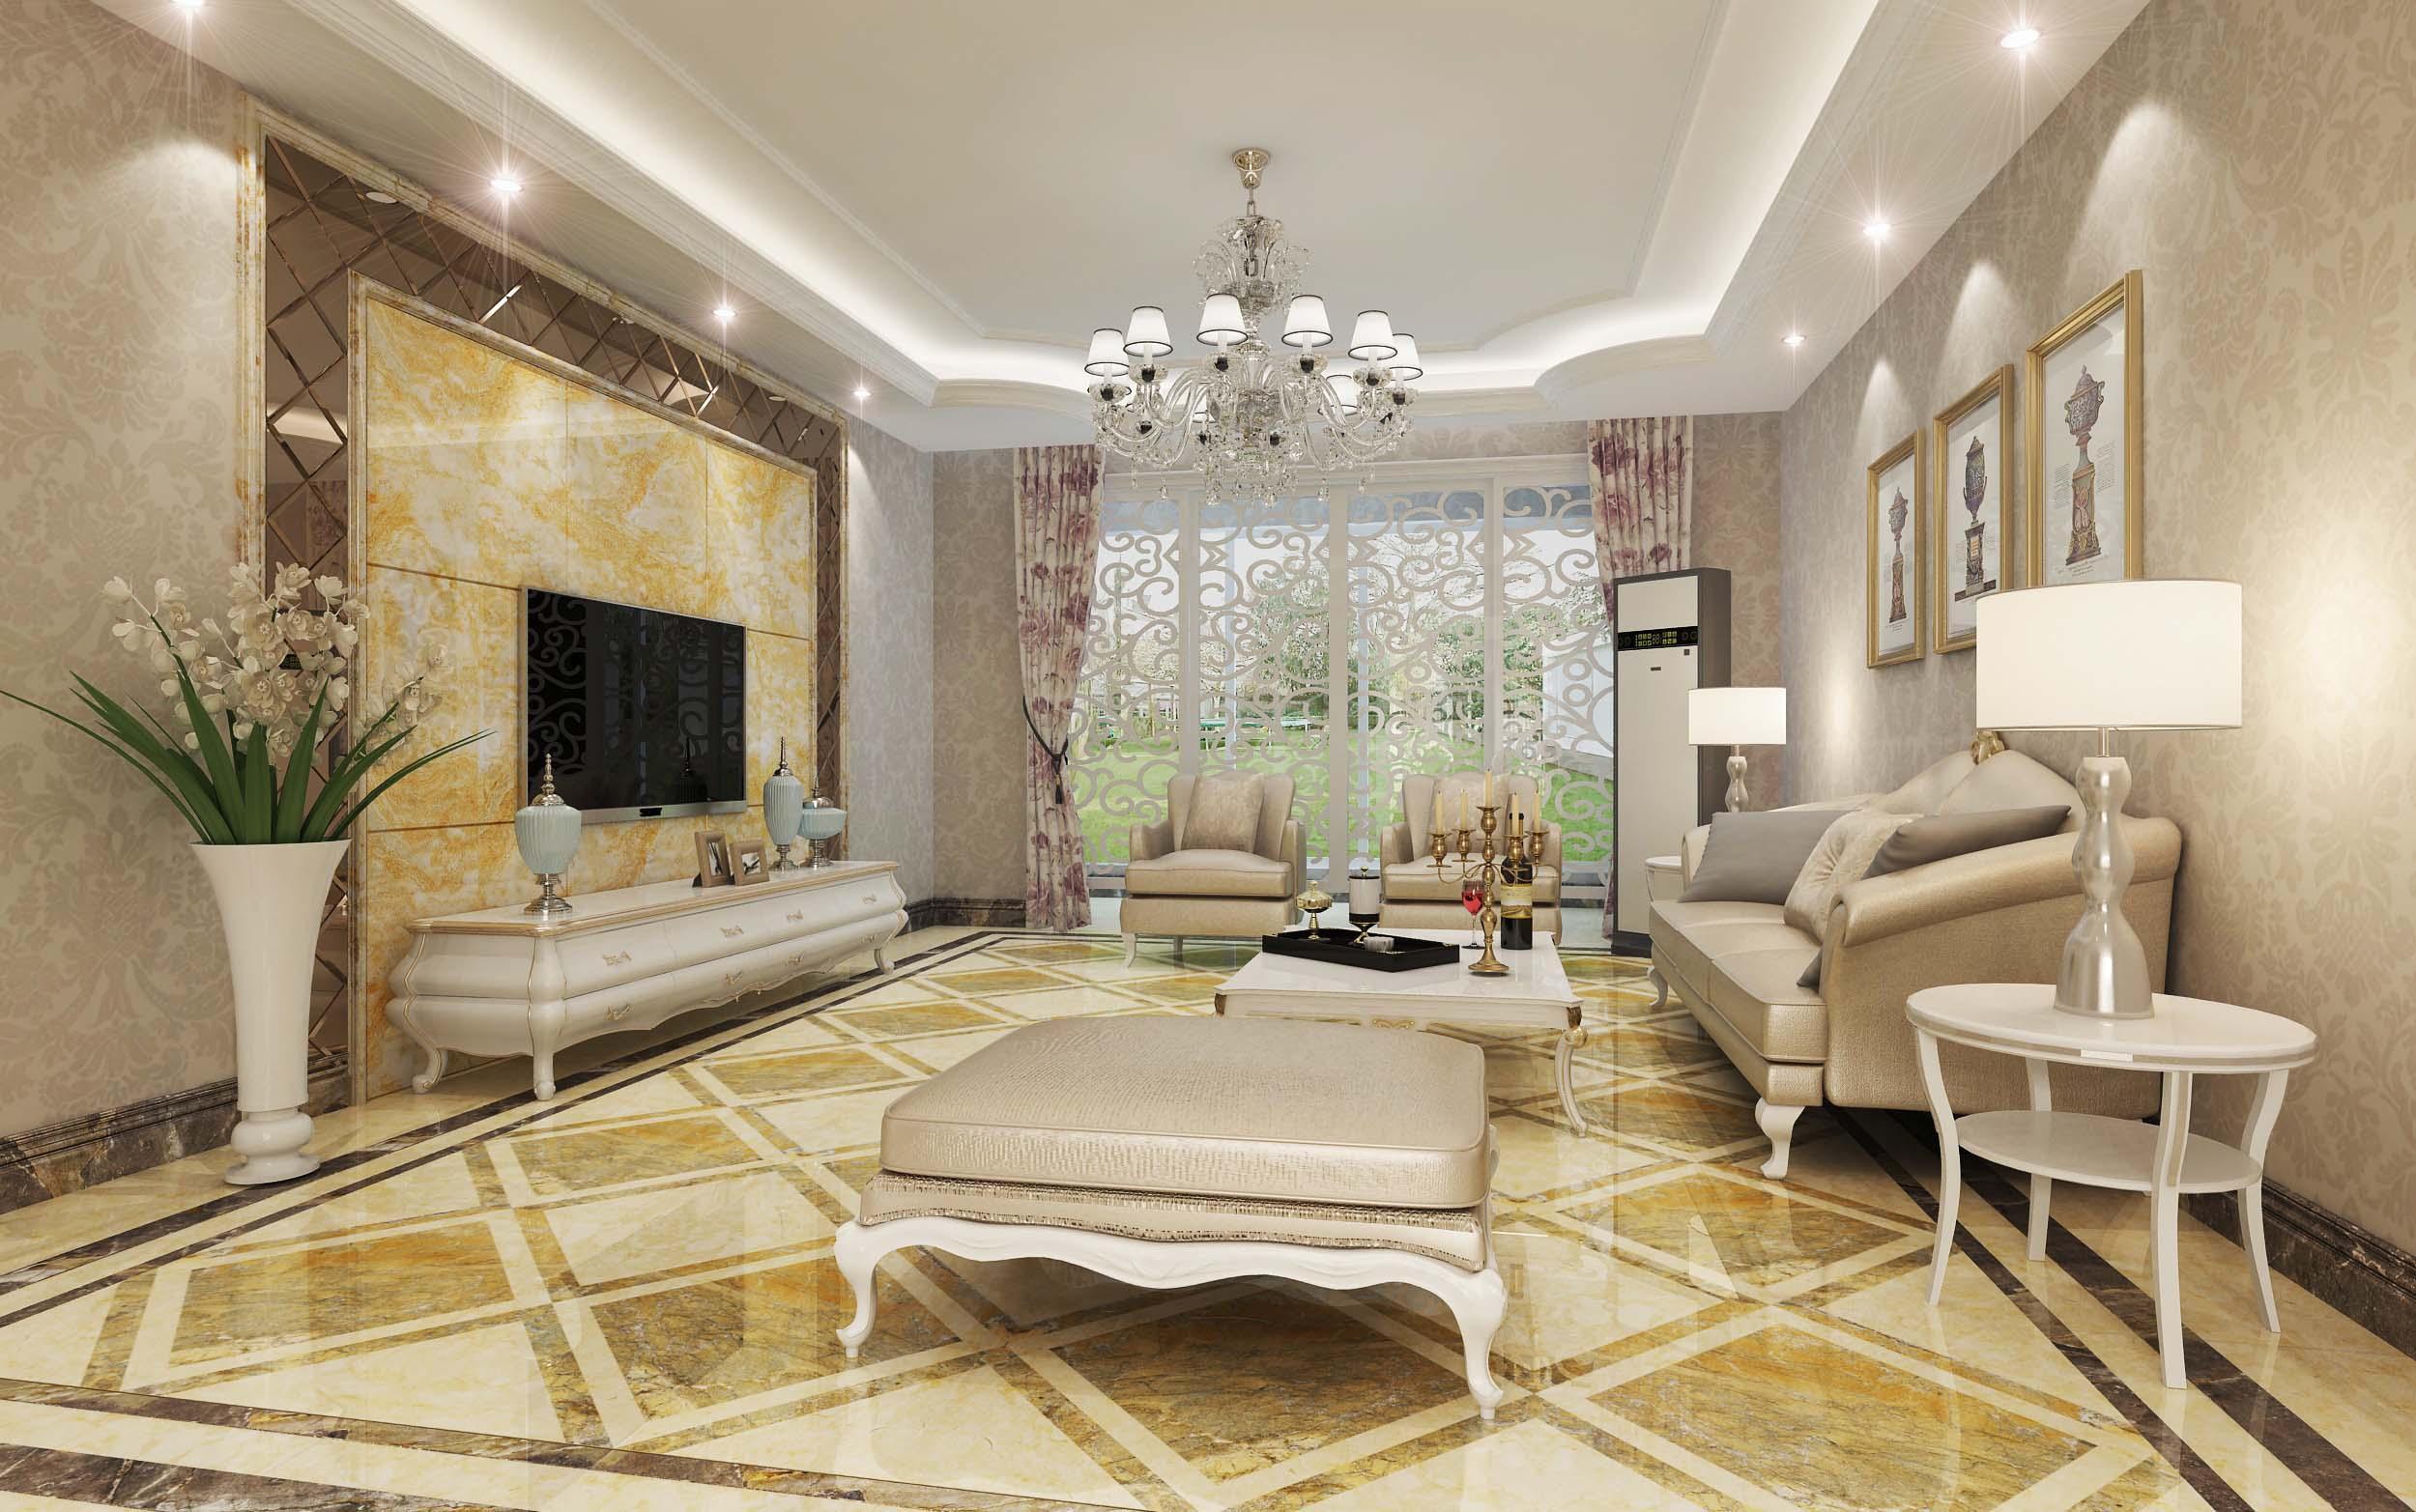 欧式客厅瓷砖装修效果图图片